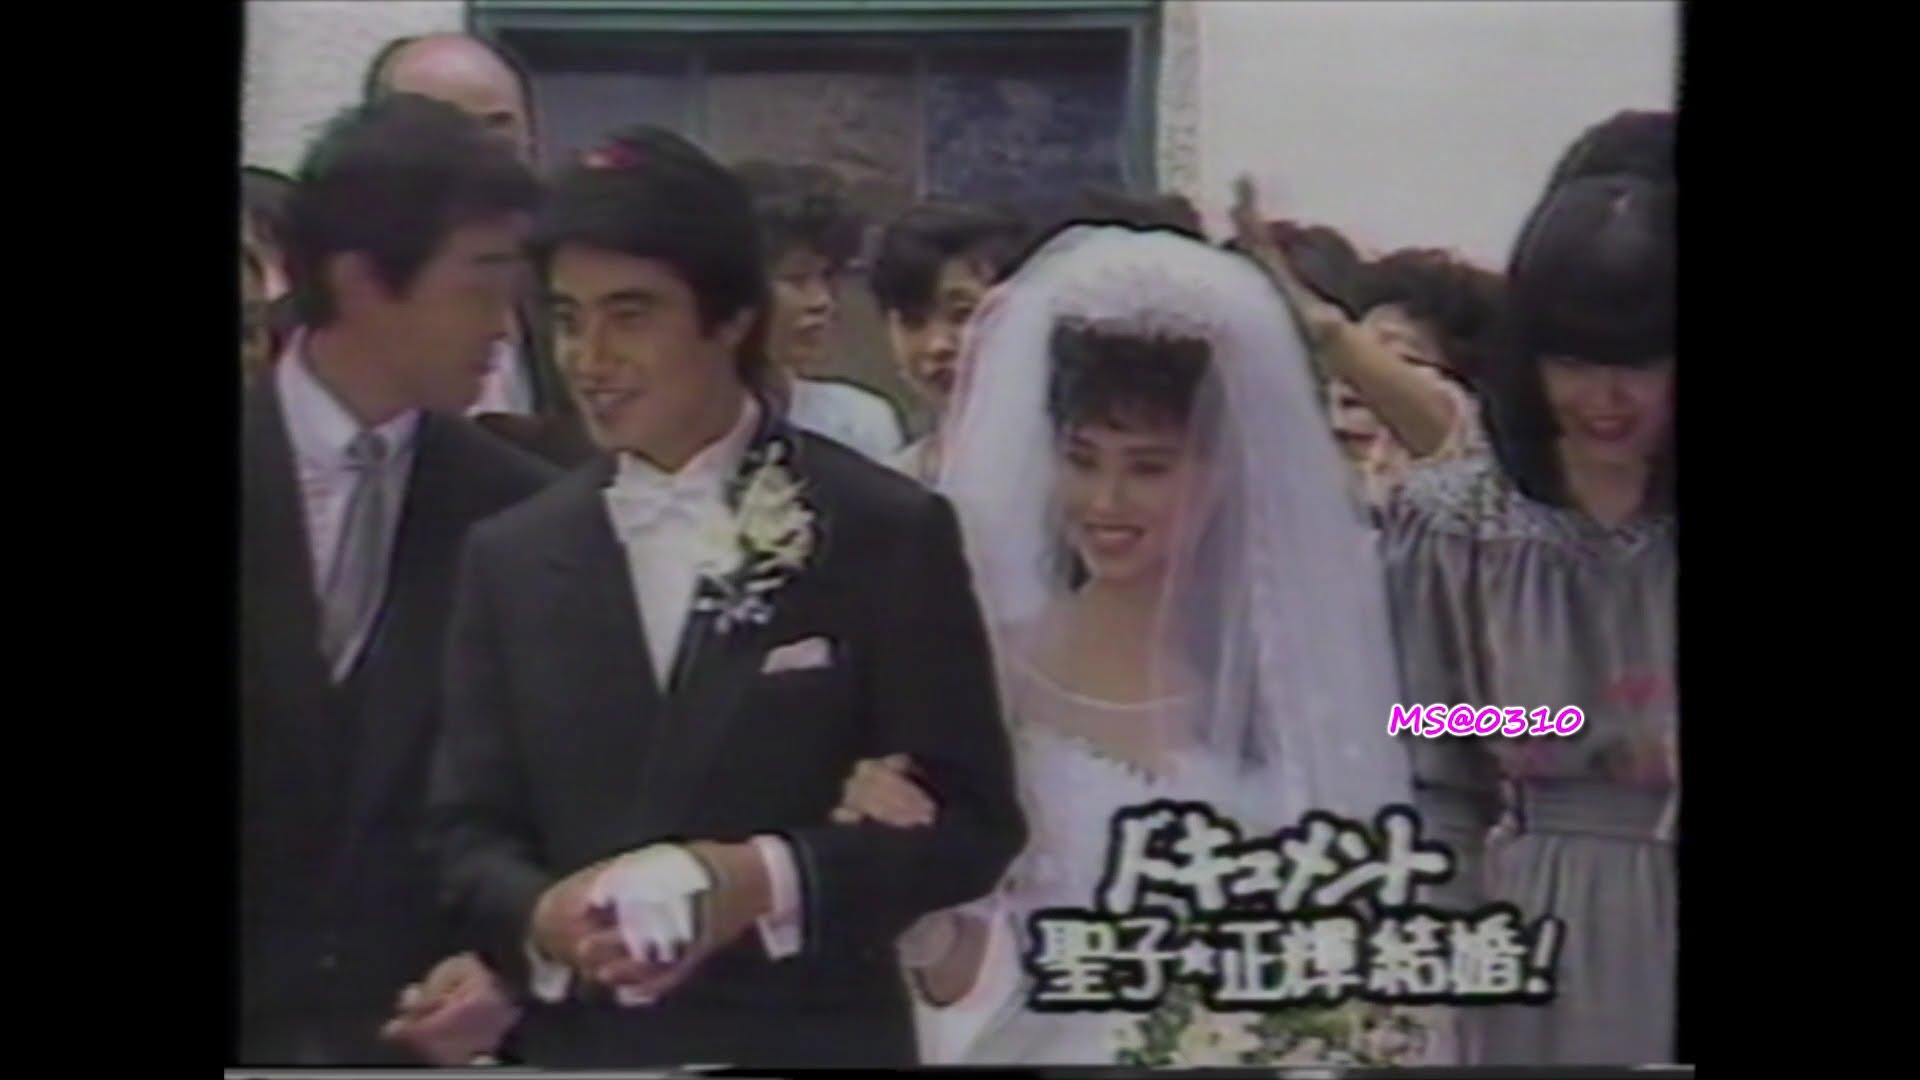 """松田聖子&神田正輝 """"聖輝""""の結婚 挙式~披露宴~ハネムーン出発 密着ドキュメント 1985年6月24日 Seiko Matsuda"""